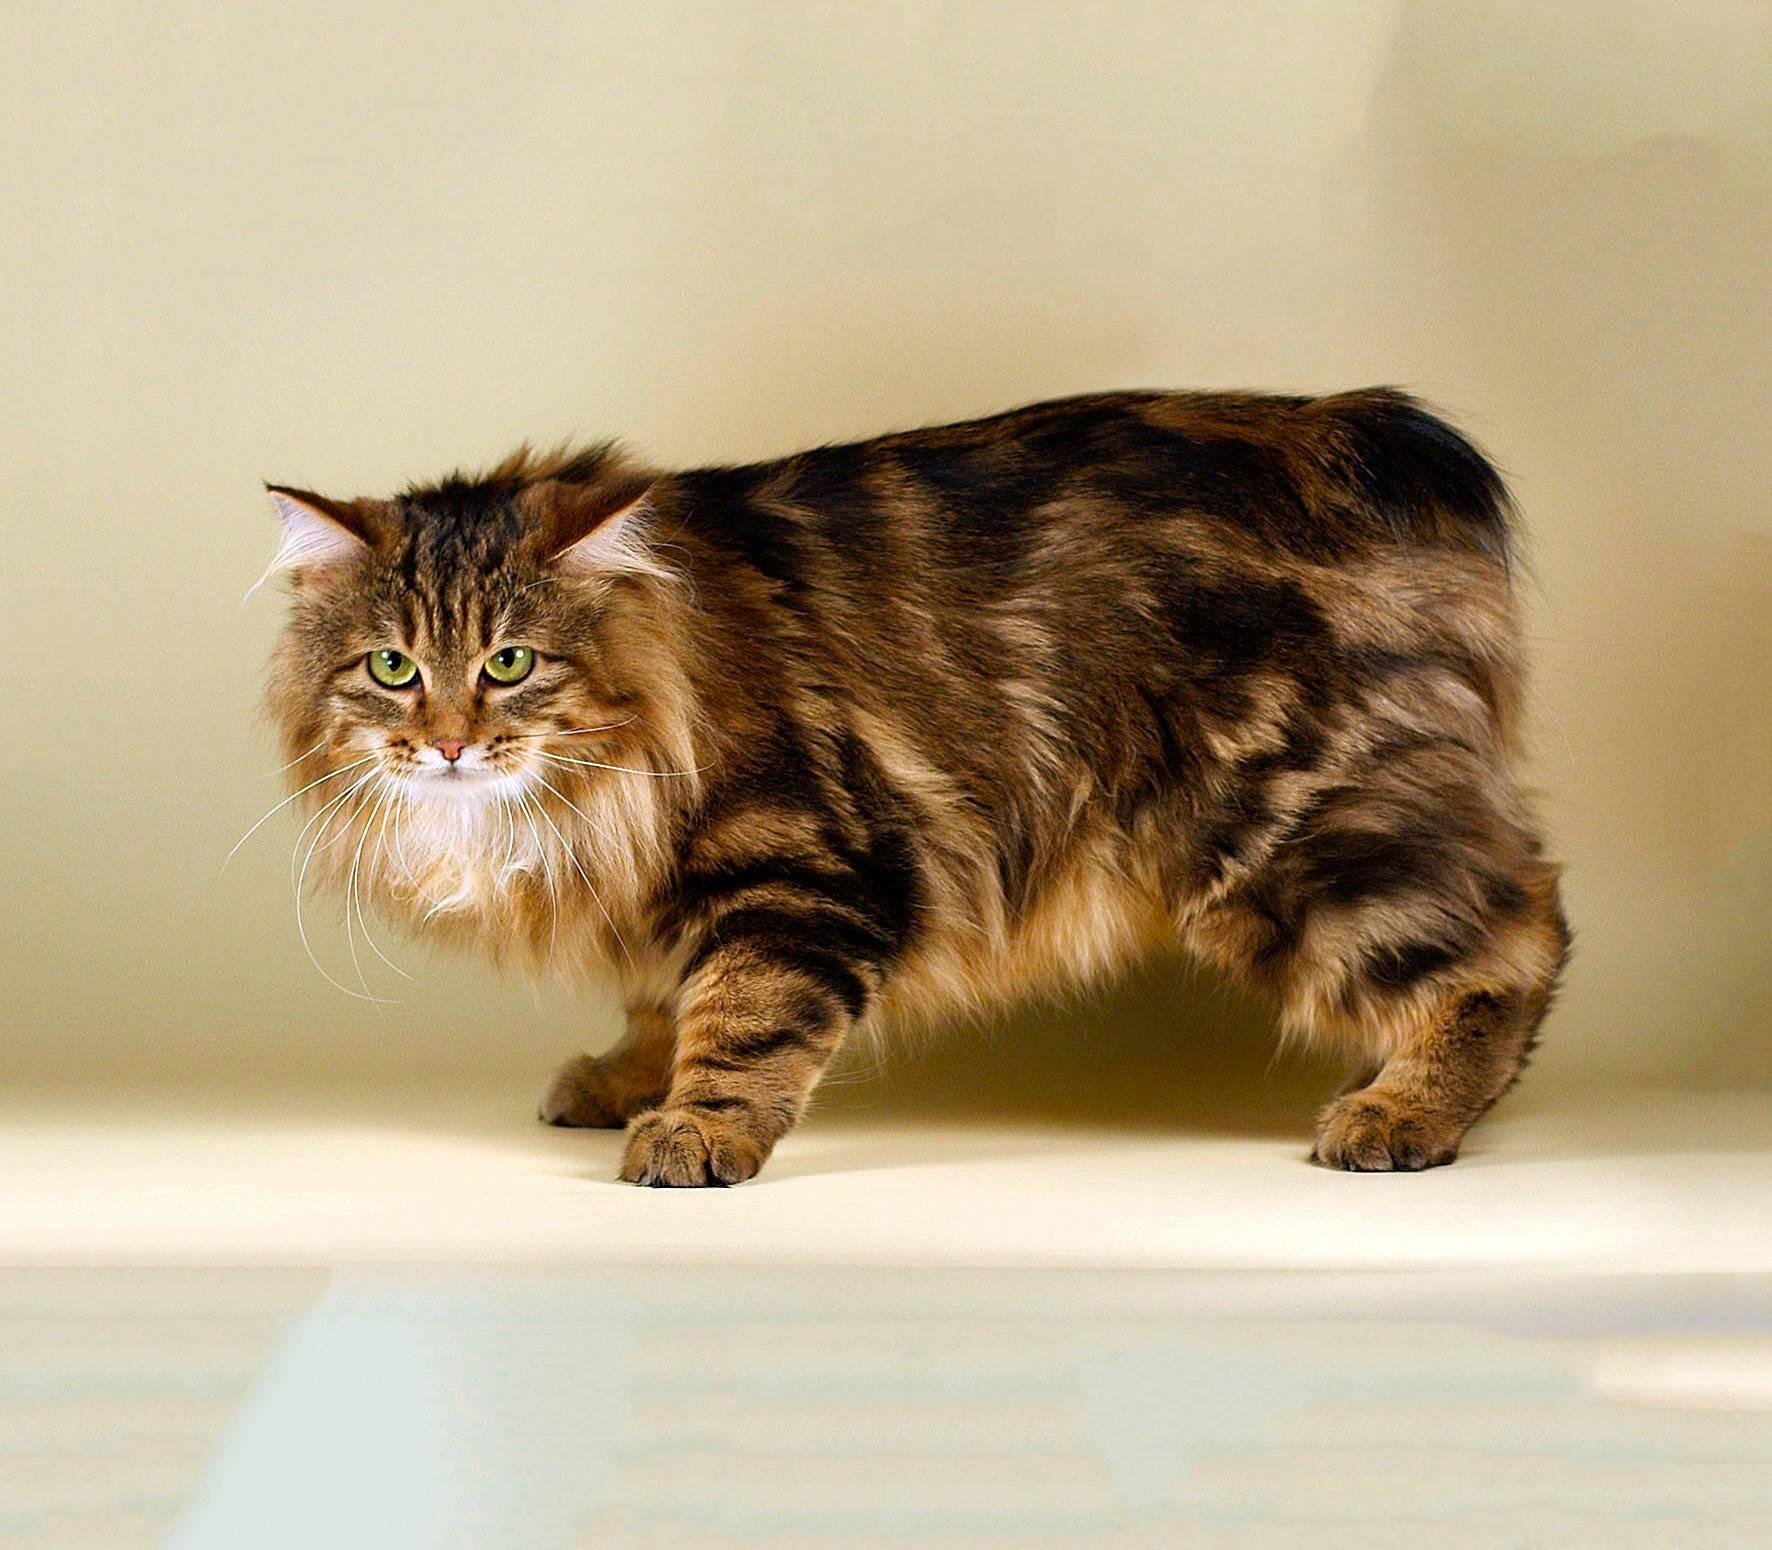 Американский бобтейл: описание породы кошек, характер, отзывы, фото